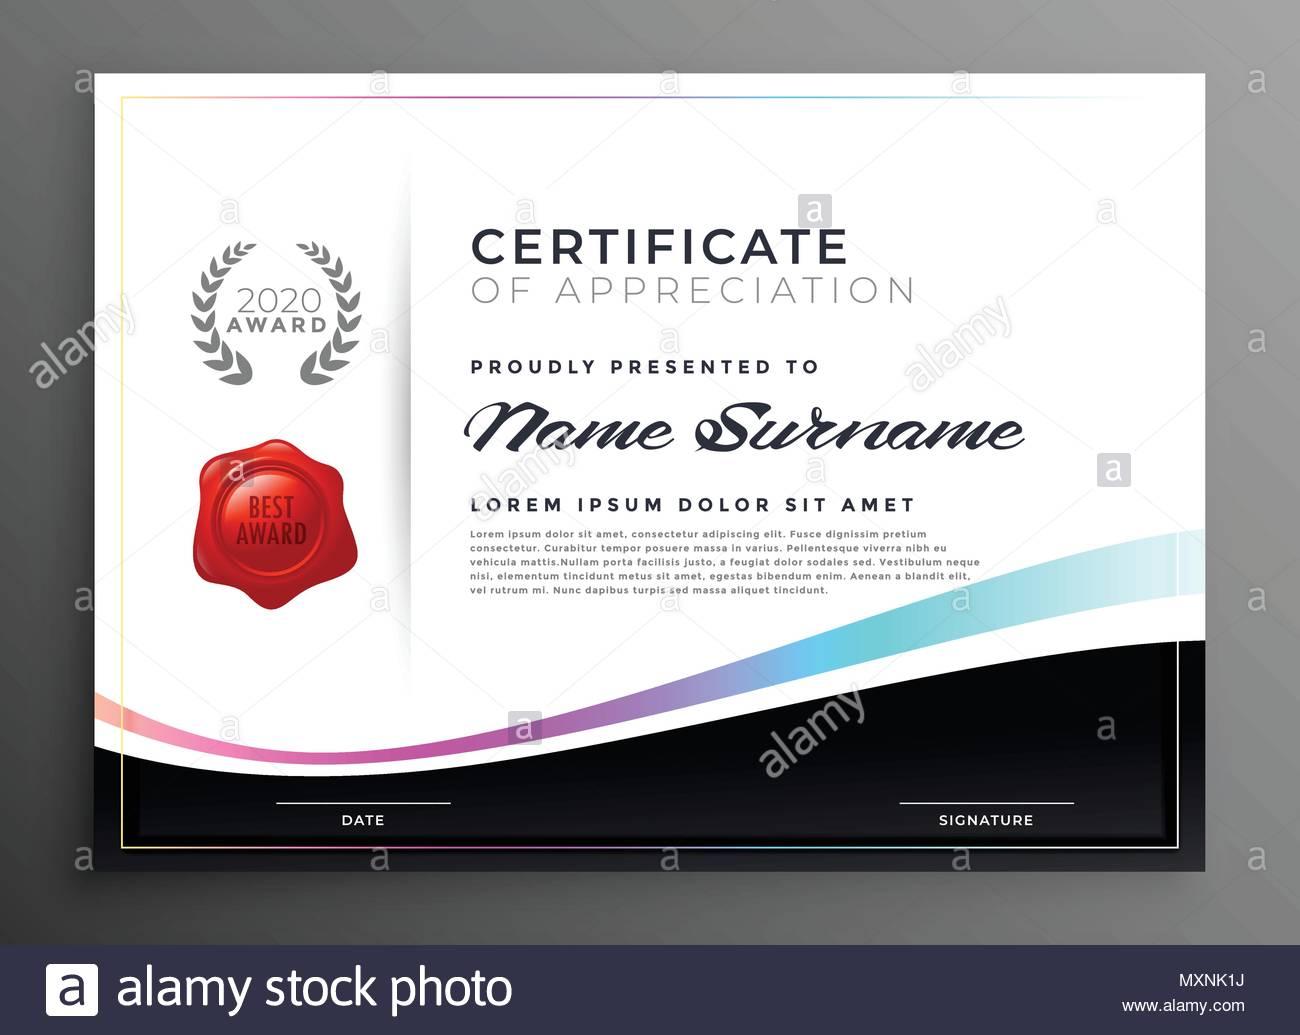 Fein Anerkennungs Award Vorlage Ideen - Beispiel Zusammenfassung ...